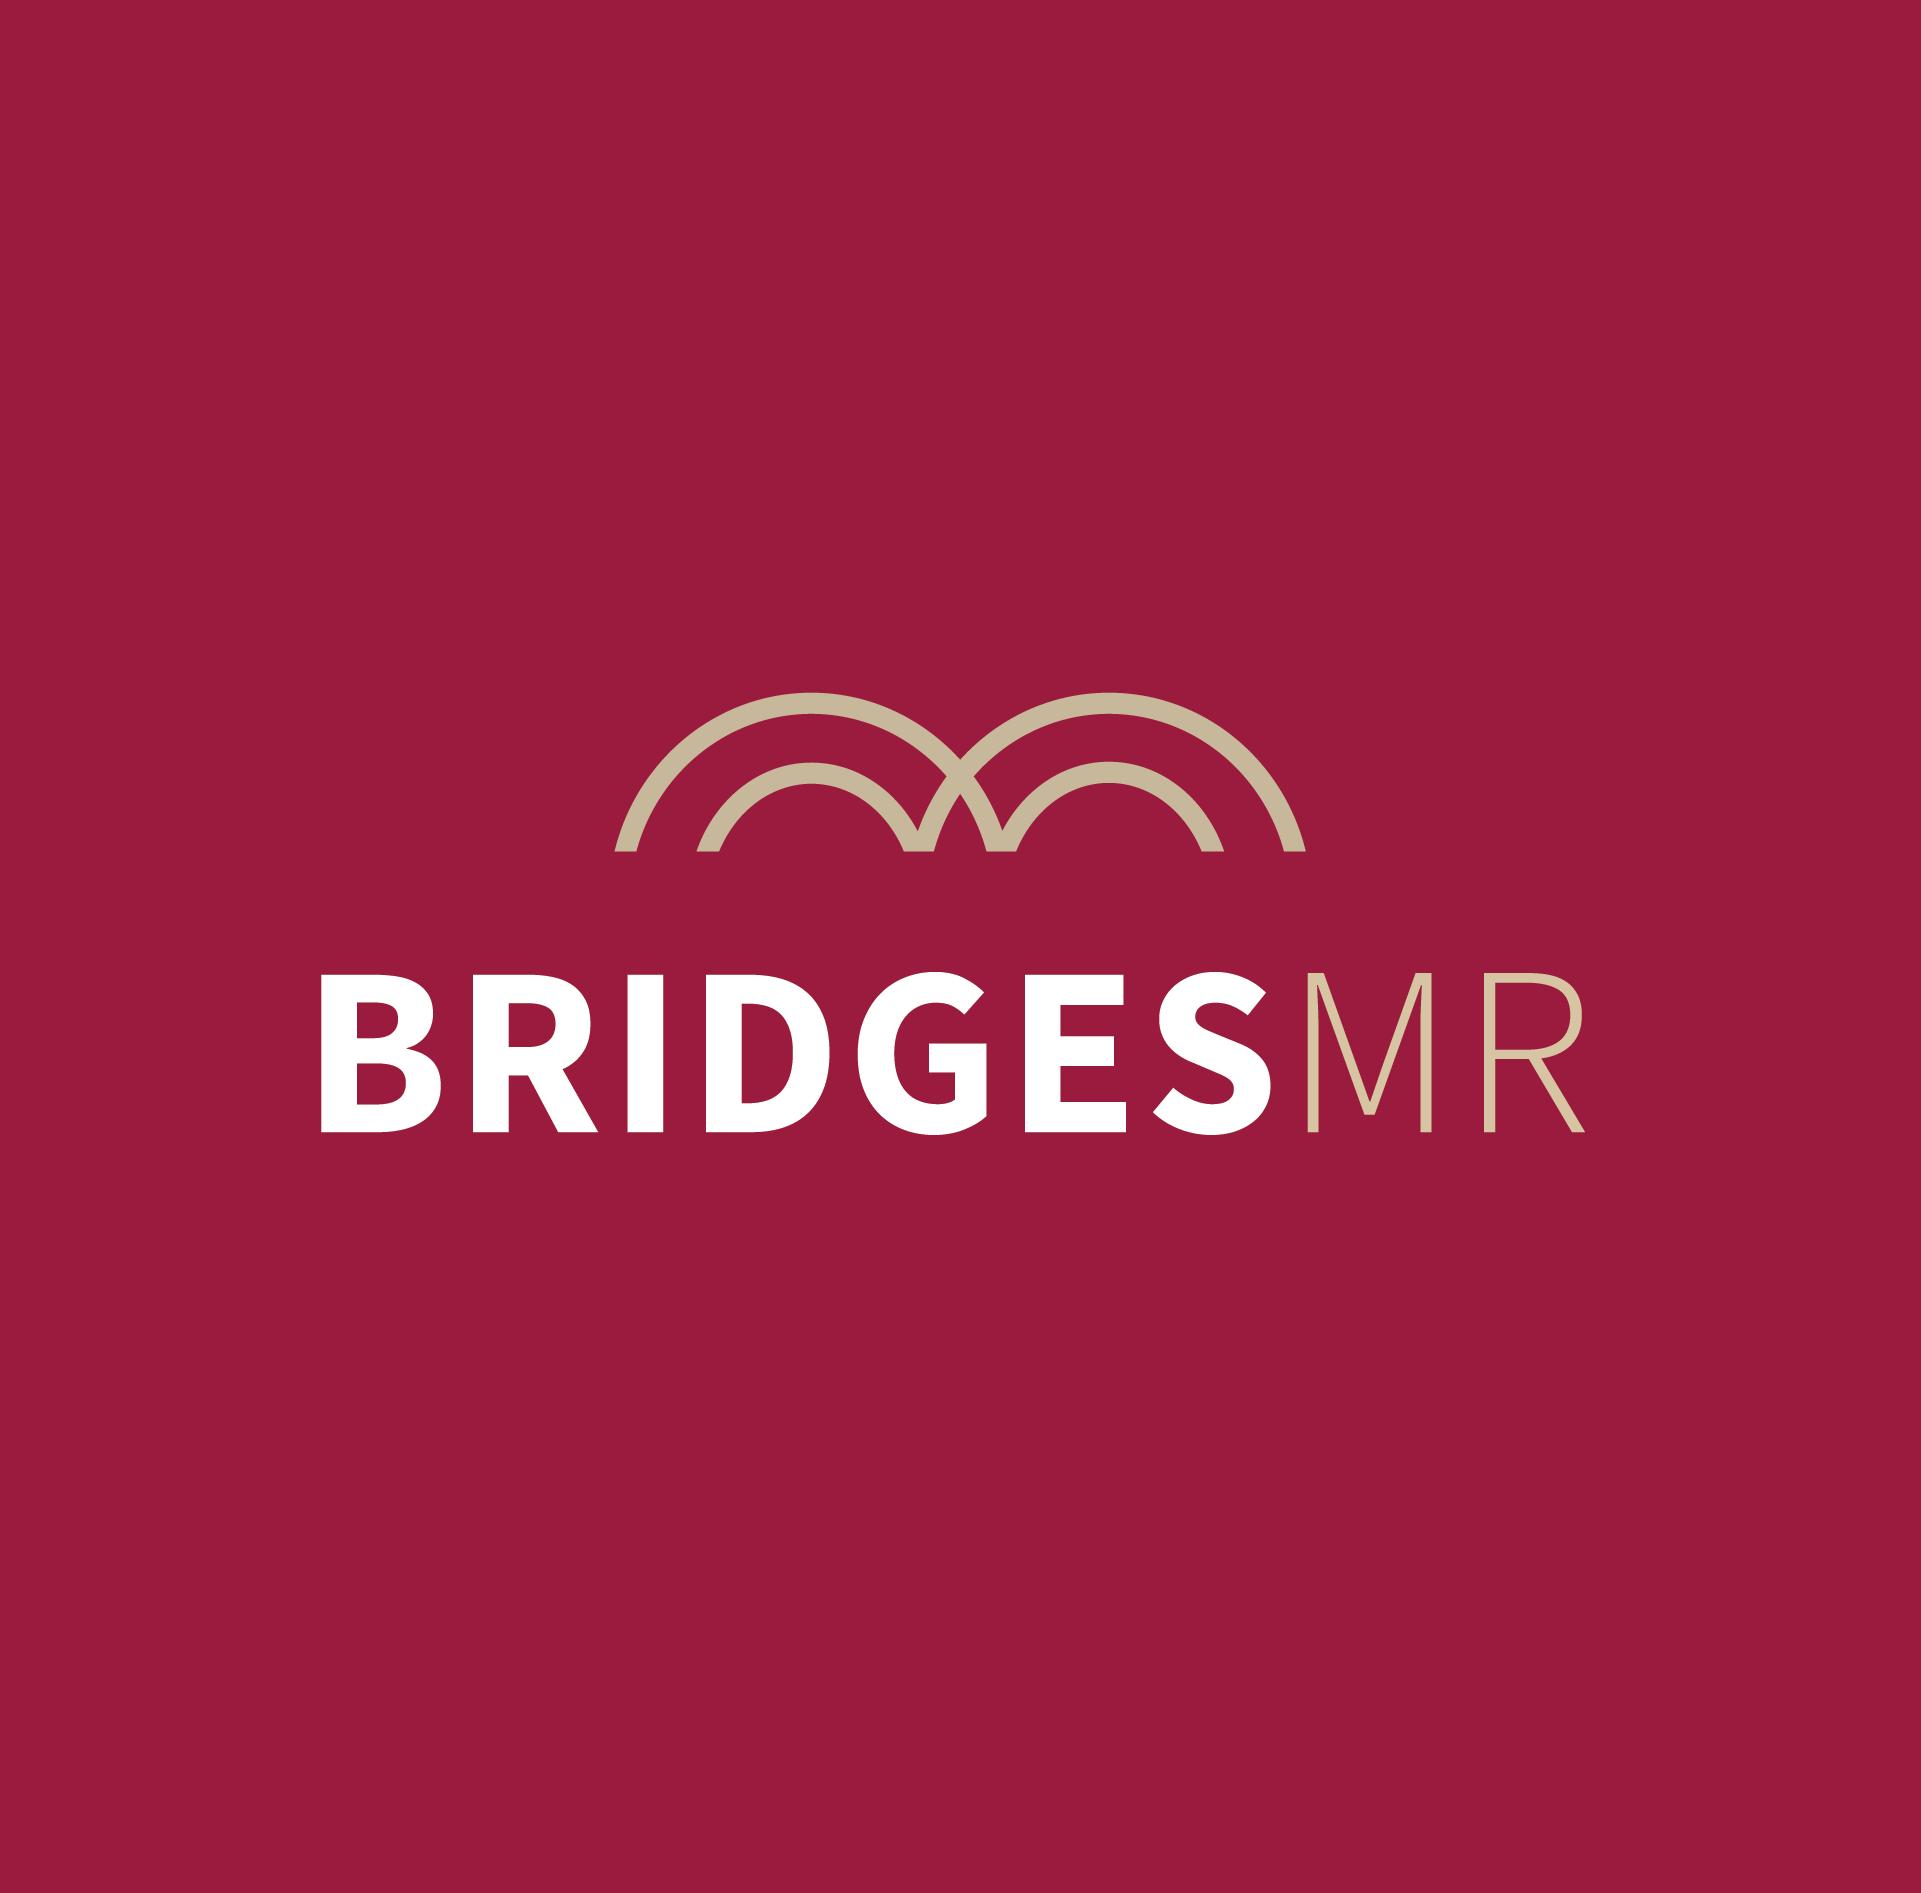 BRIDGES MR – CUSTOM BUILDER